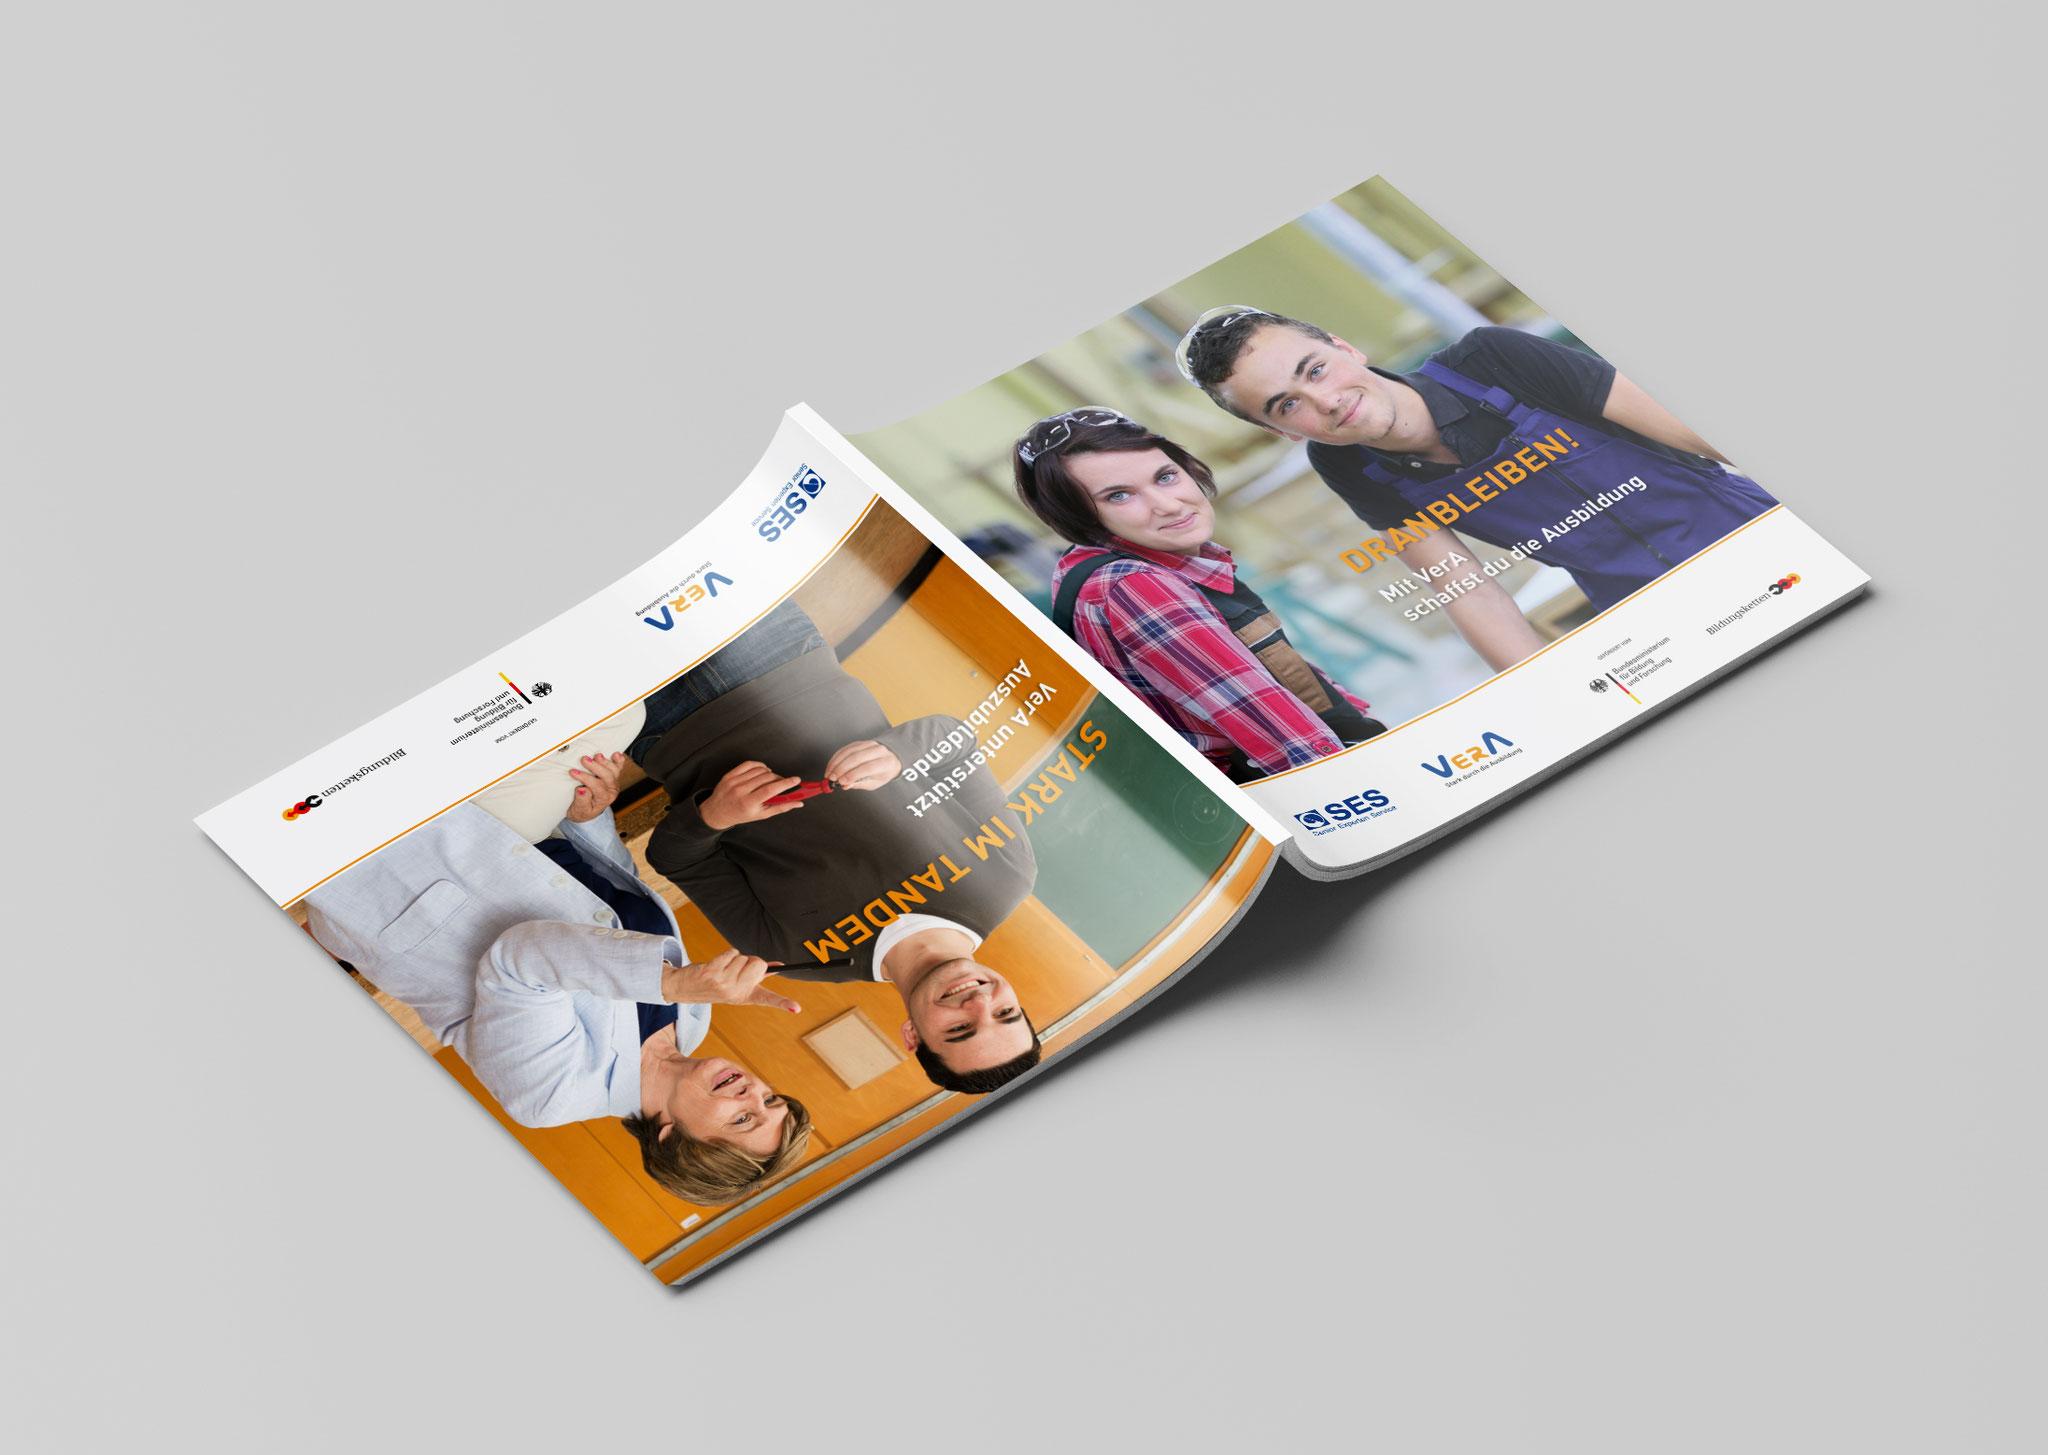 Wendebroschüre VerA für Senior-Experten und Auszubildende, Umschlag